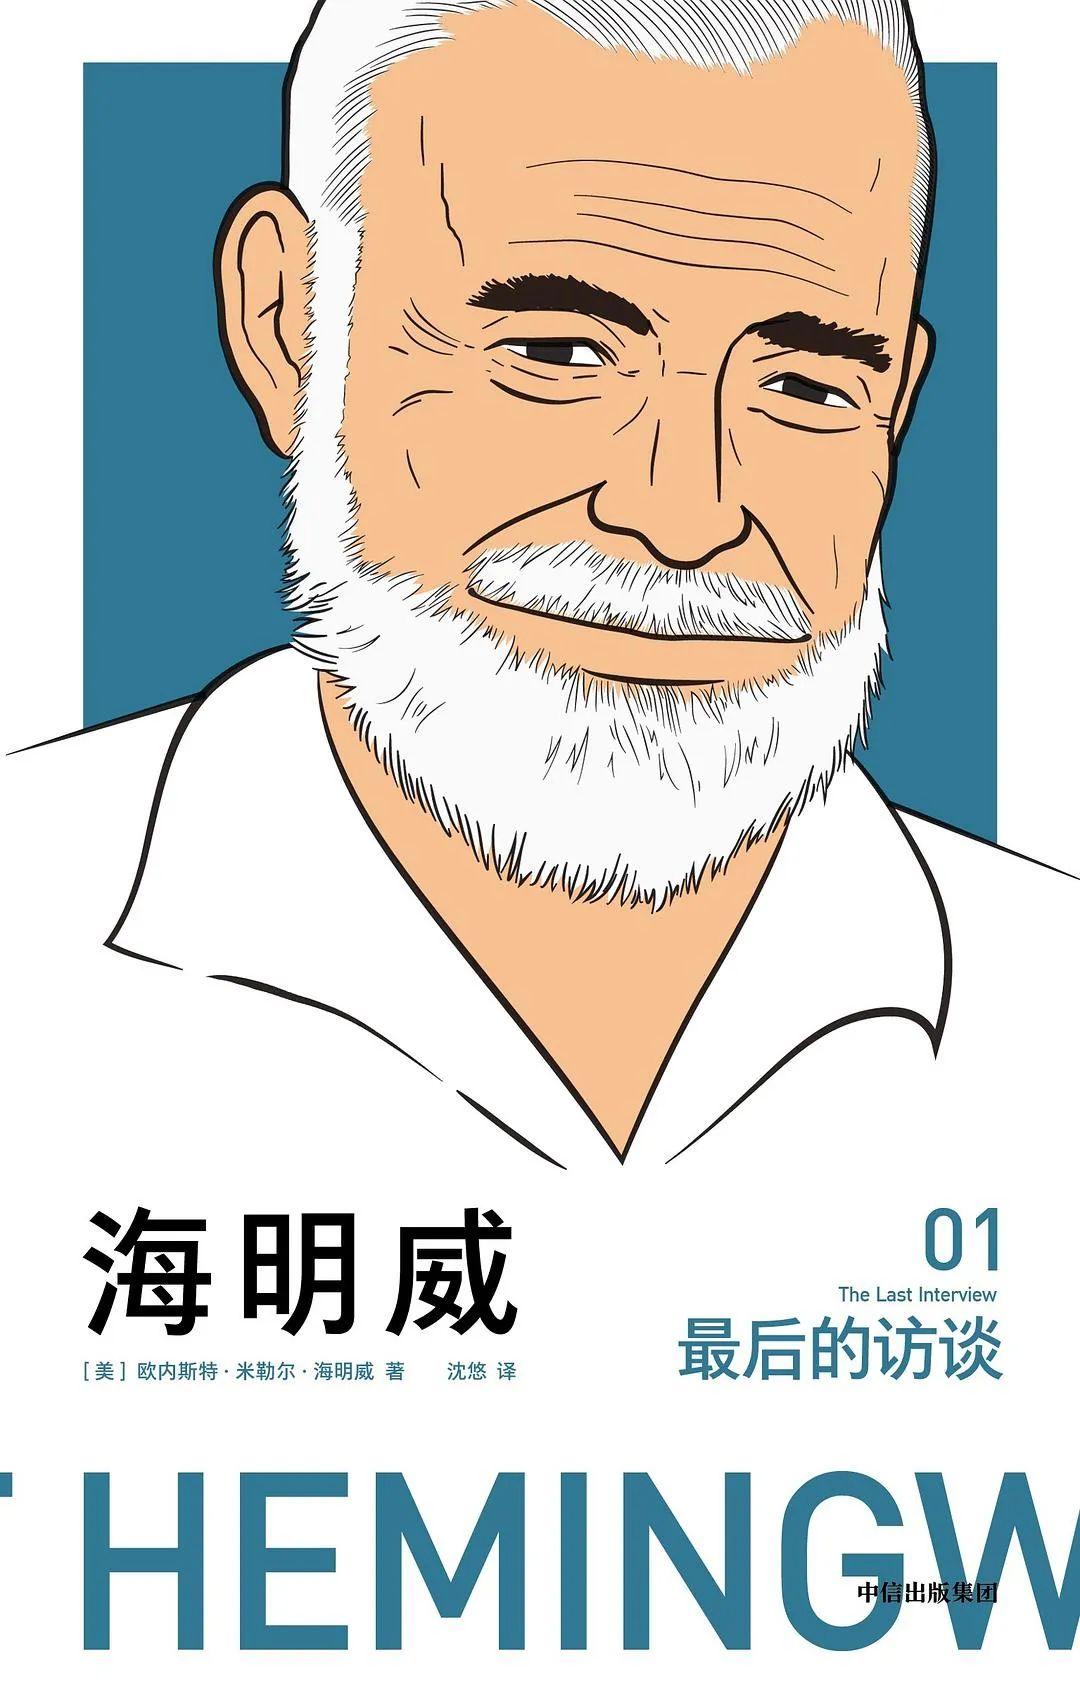 海明威留下了很多采访资料,不过作为一个熟练应对媒体的老油条,他自然懂得什么当说、什么不当说。译者:沈悠 / 中信出版集团 / 2019-7